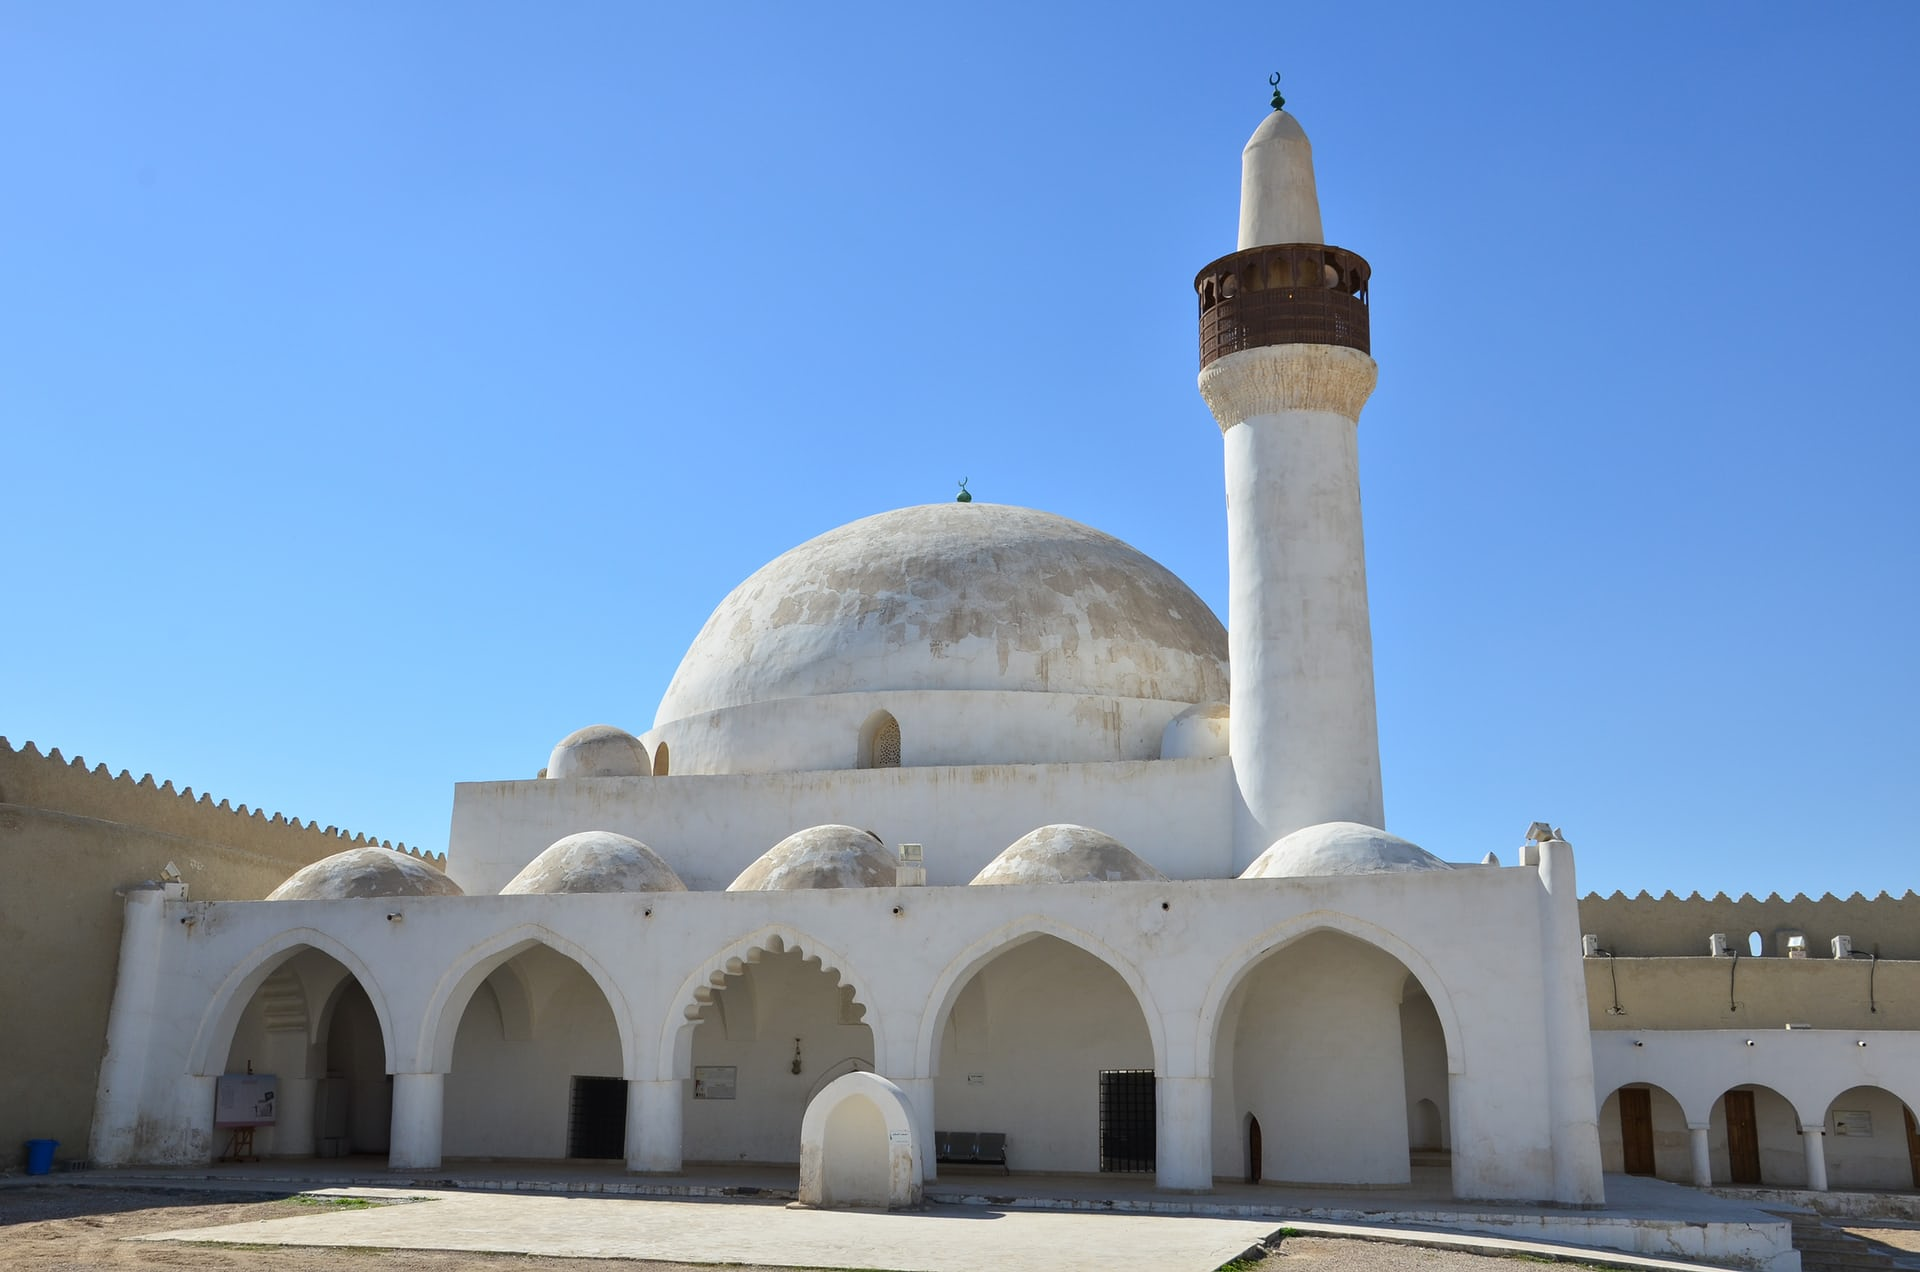 Το τέμενος Qasr Ibrahim στην όαση Αλ-Άχσα (Photo: François Cristofoli)